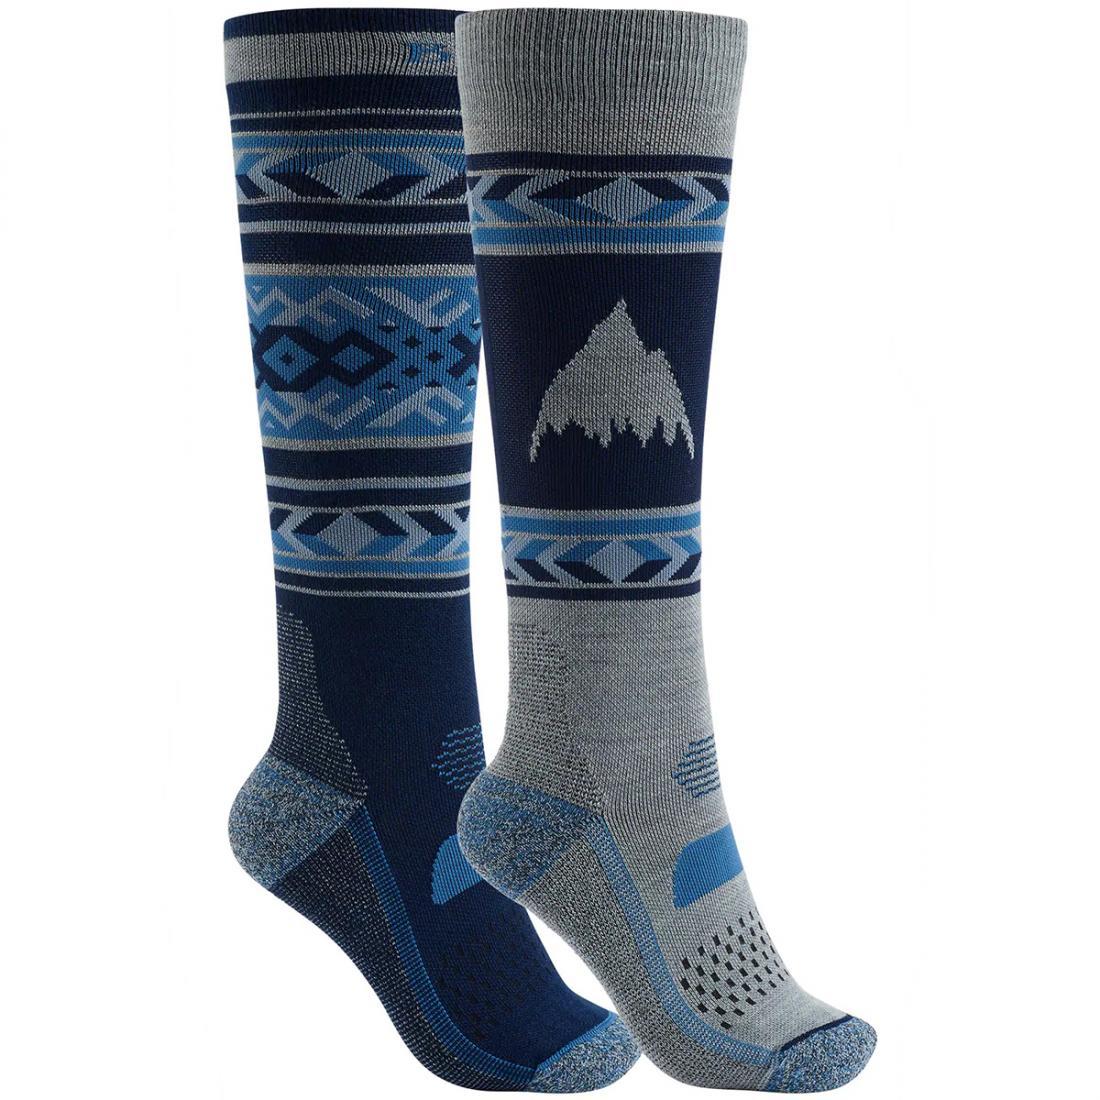 Носки сноубордические Burton Performance Lightweight Snowboard Sock 2 Pack купить в Boardshop №1